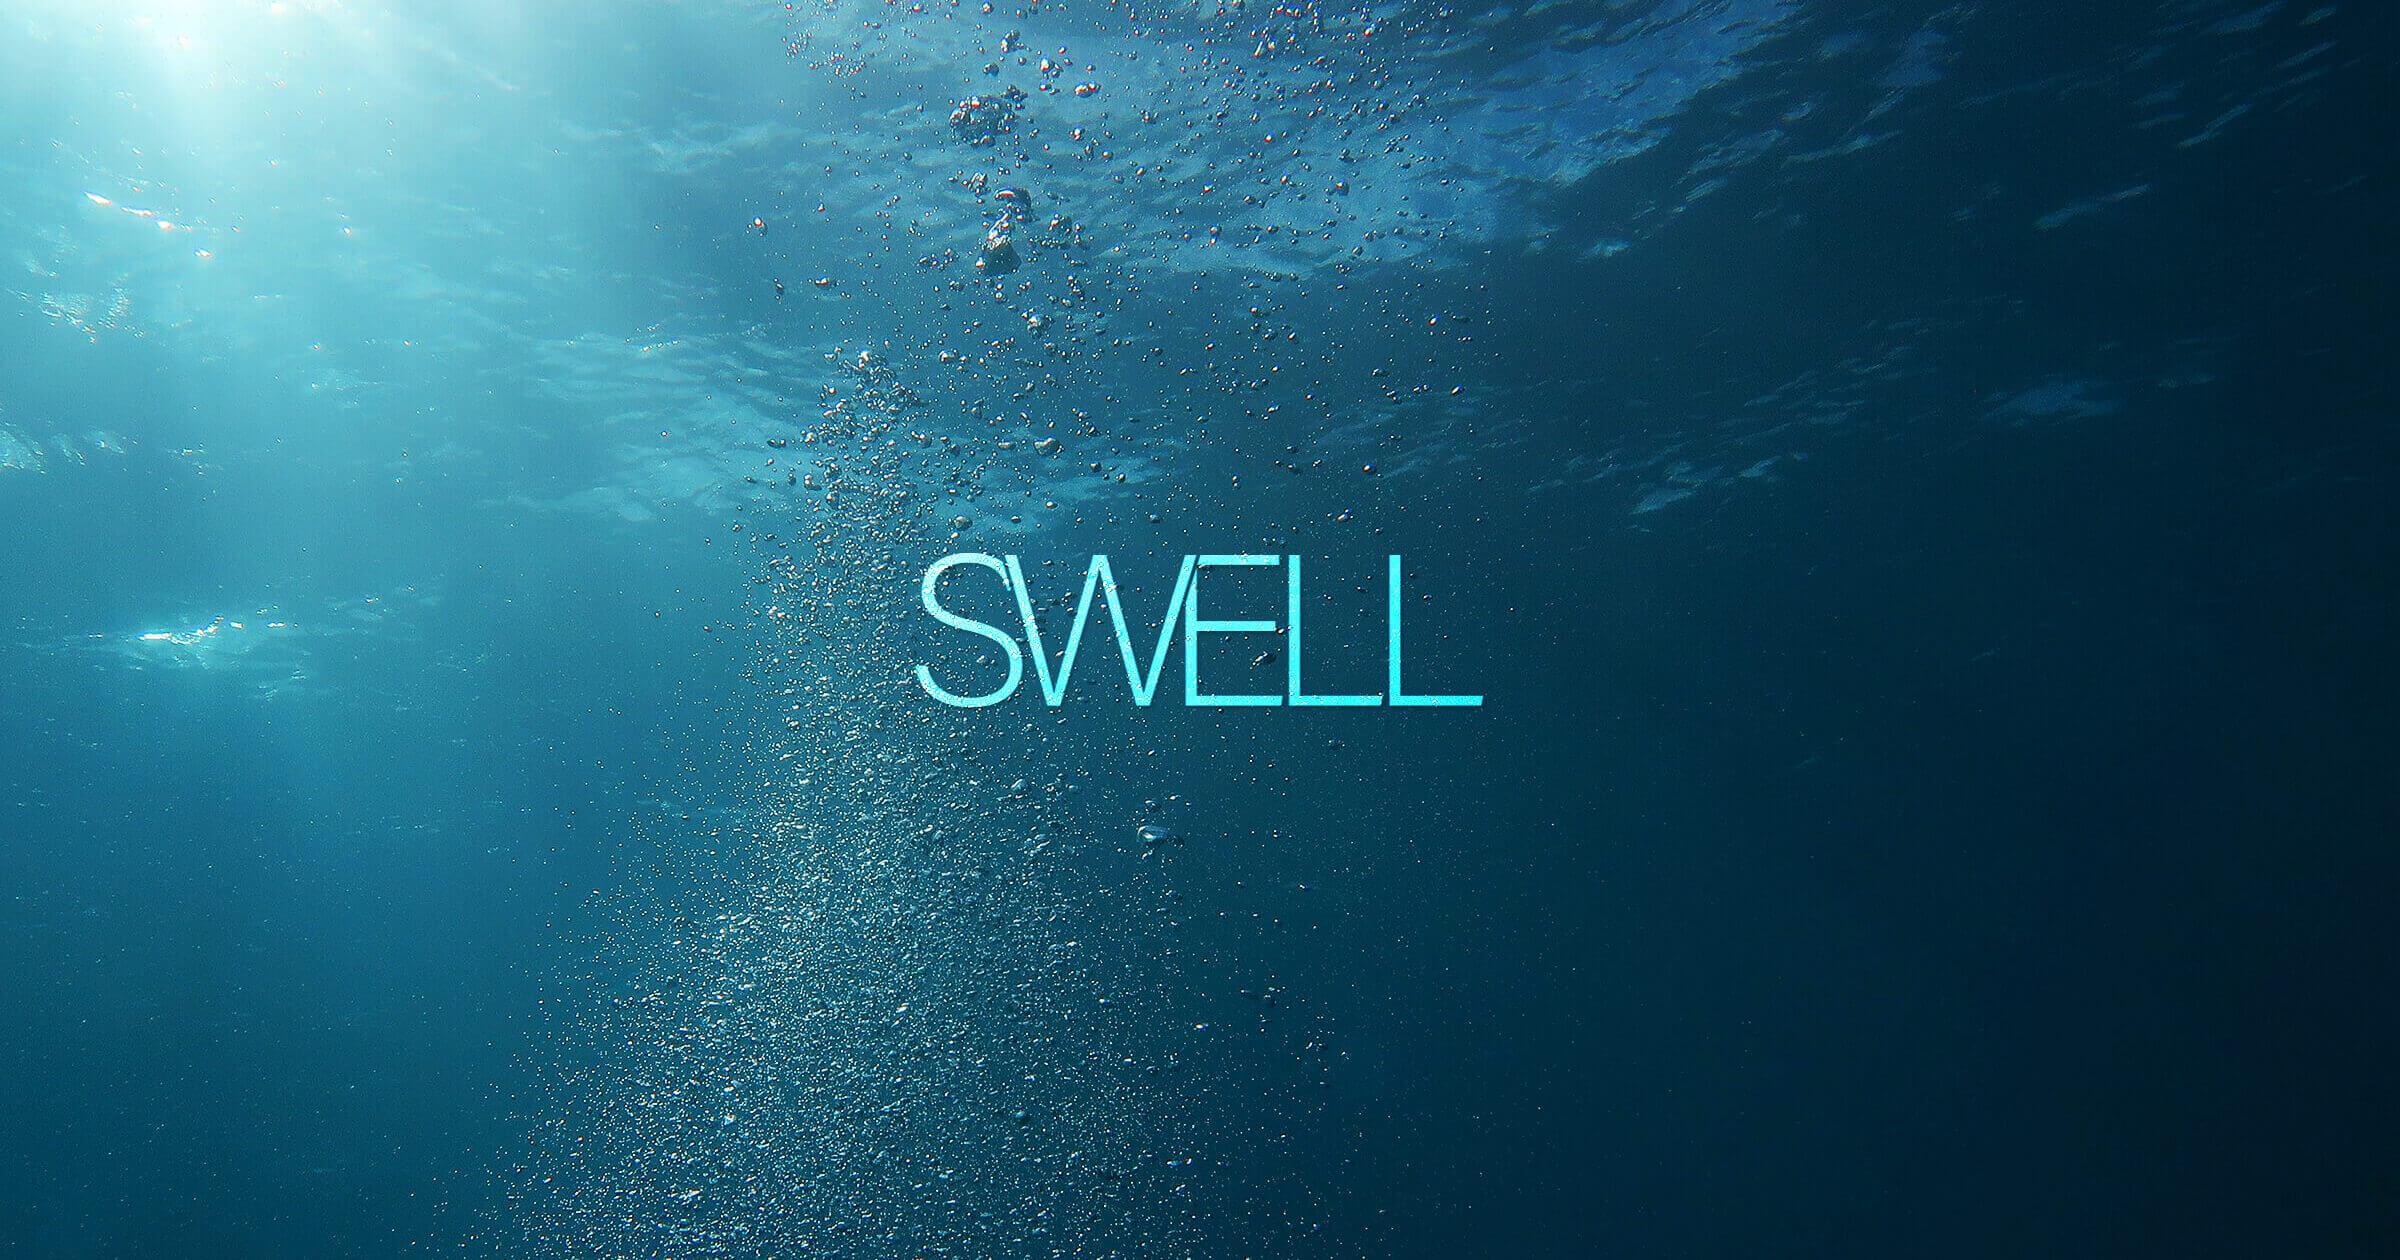 SWELL | シンプル美と機能性の両立 - 圧倒的な使い心地を追求するWordPressテーマ